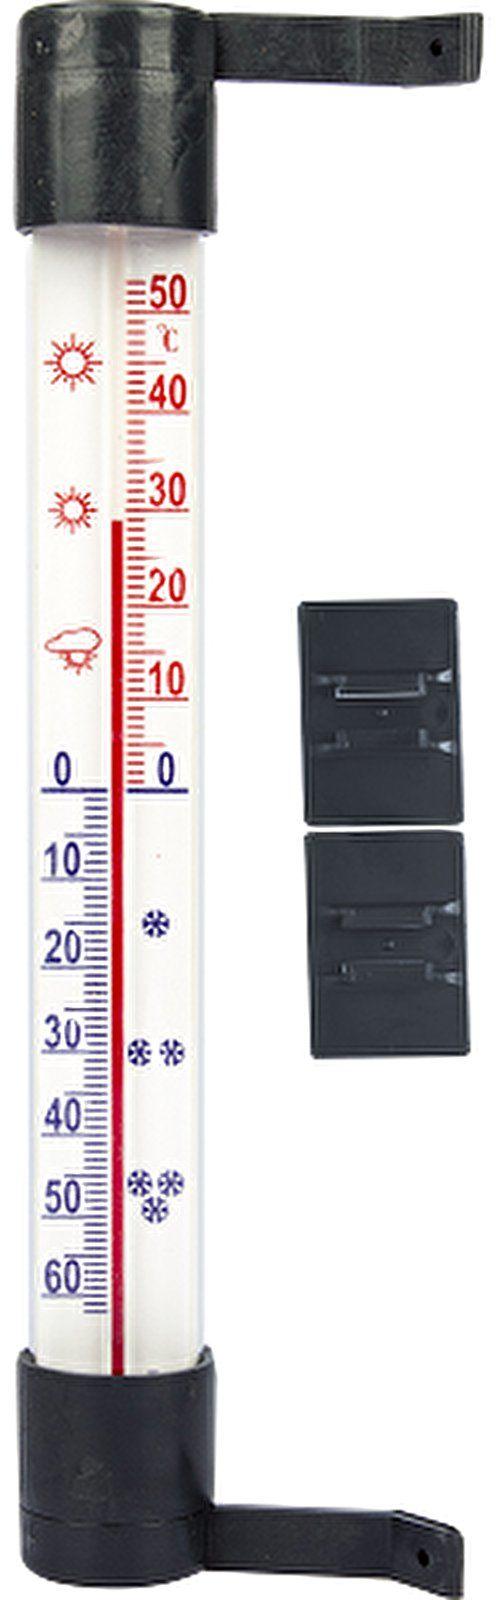 Termometr zewnętrzny antracytowy